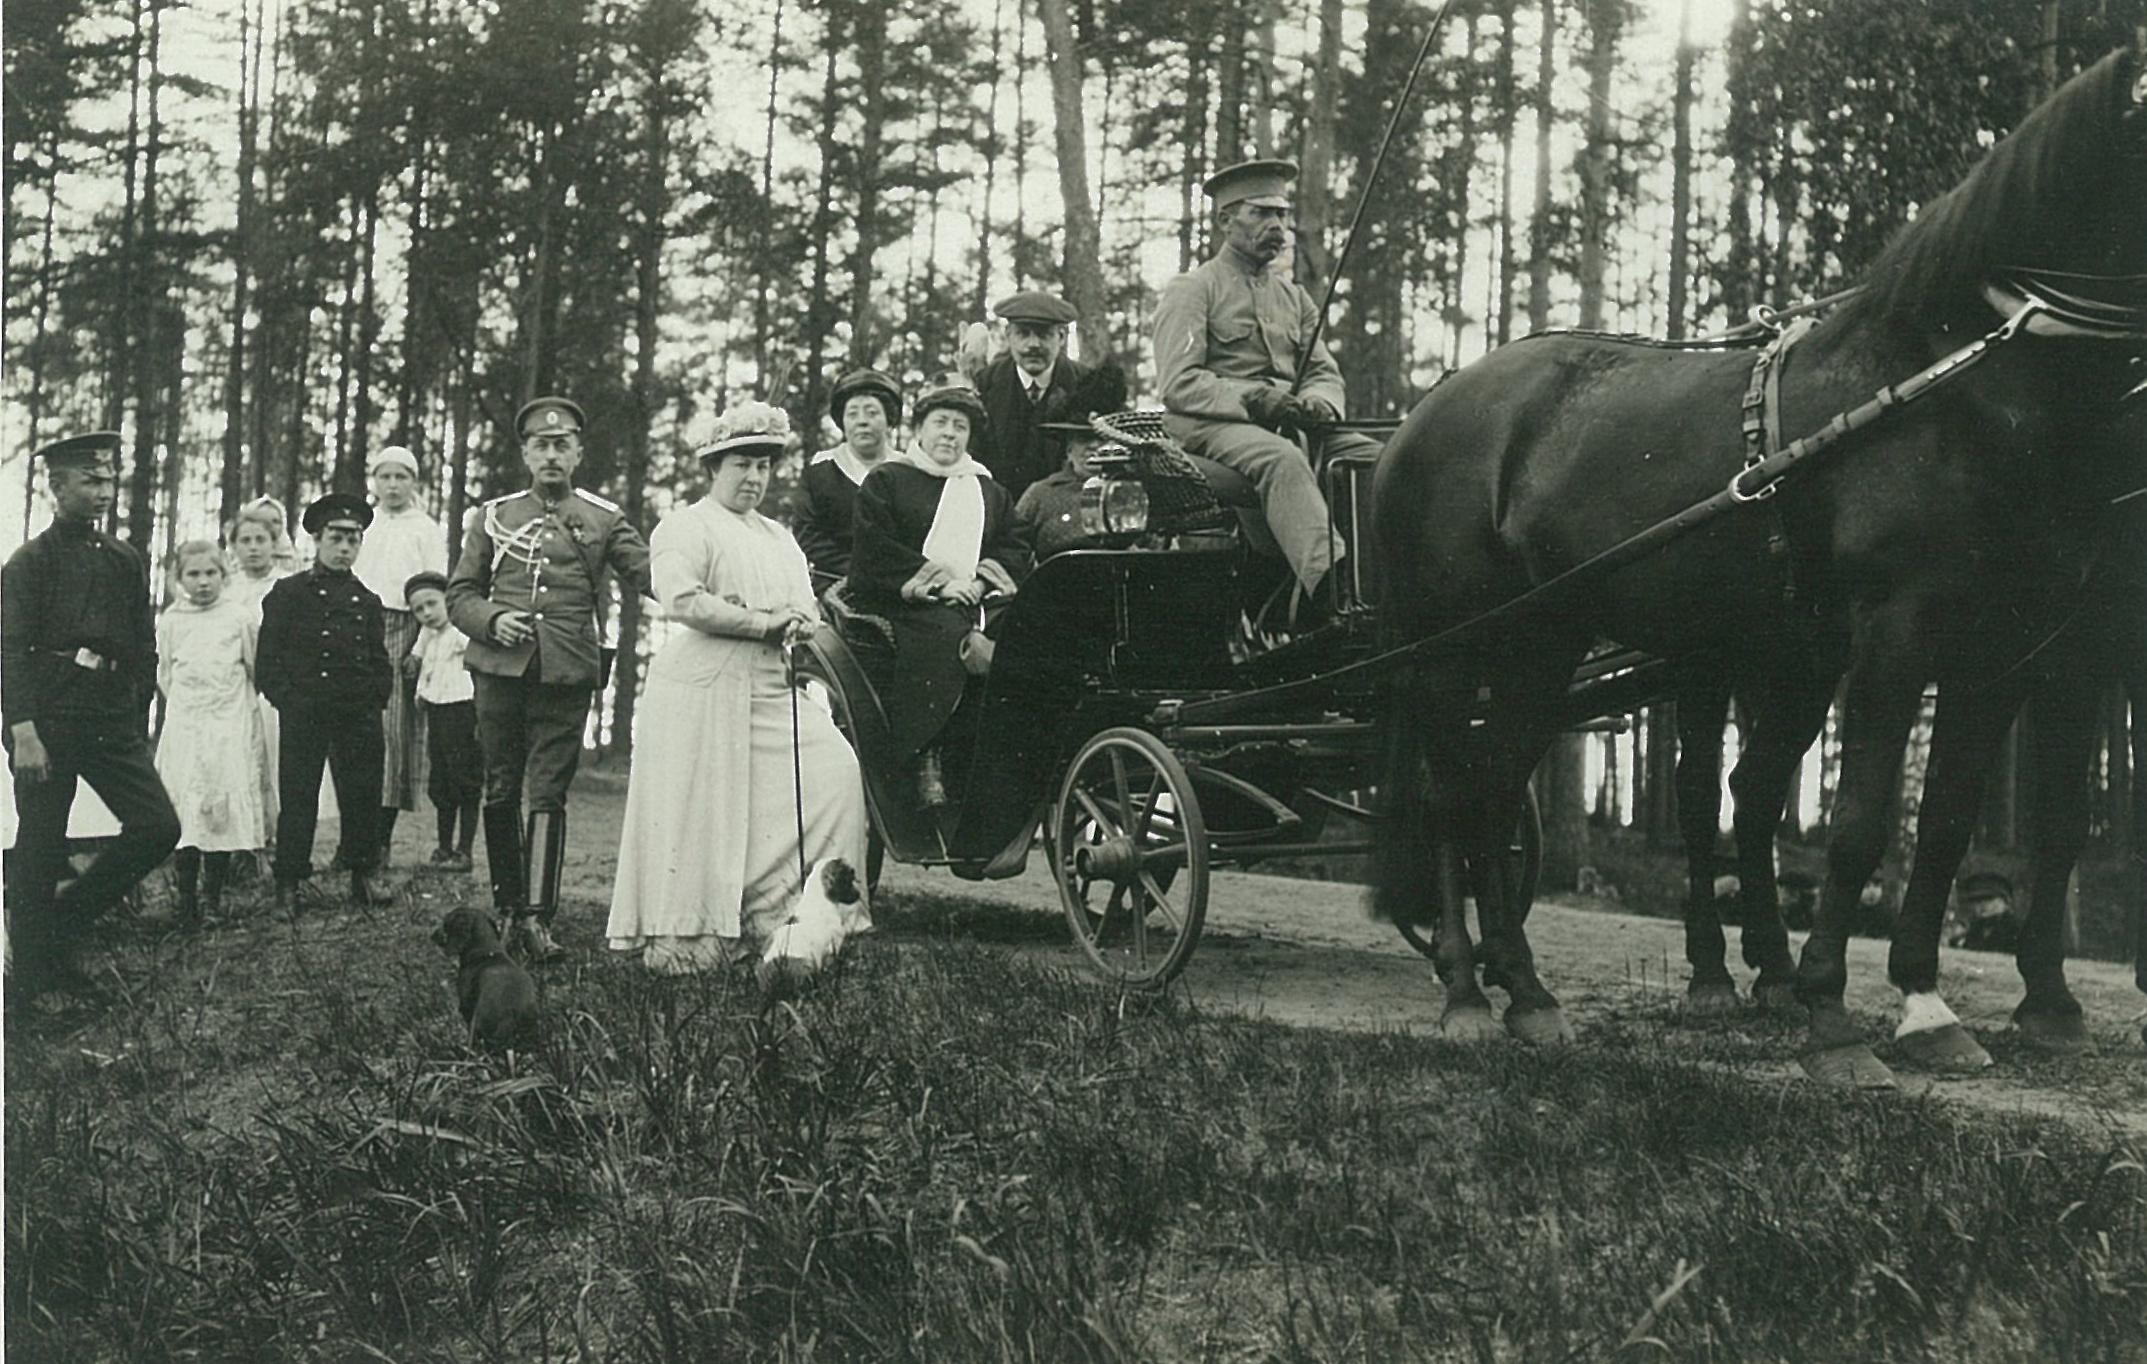 Л.Ф. Всеволожская (в светлом пальто) с гостями на прогулке в парке усадьбы Рябово